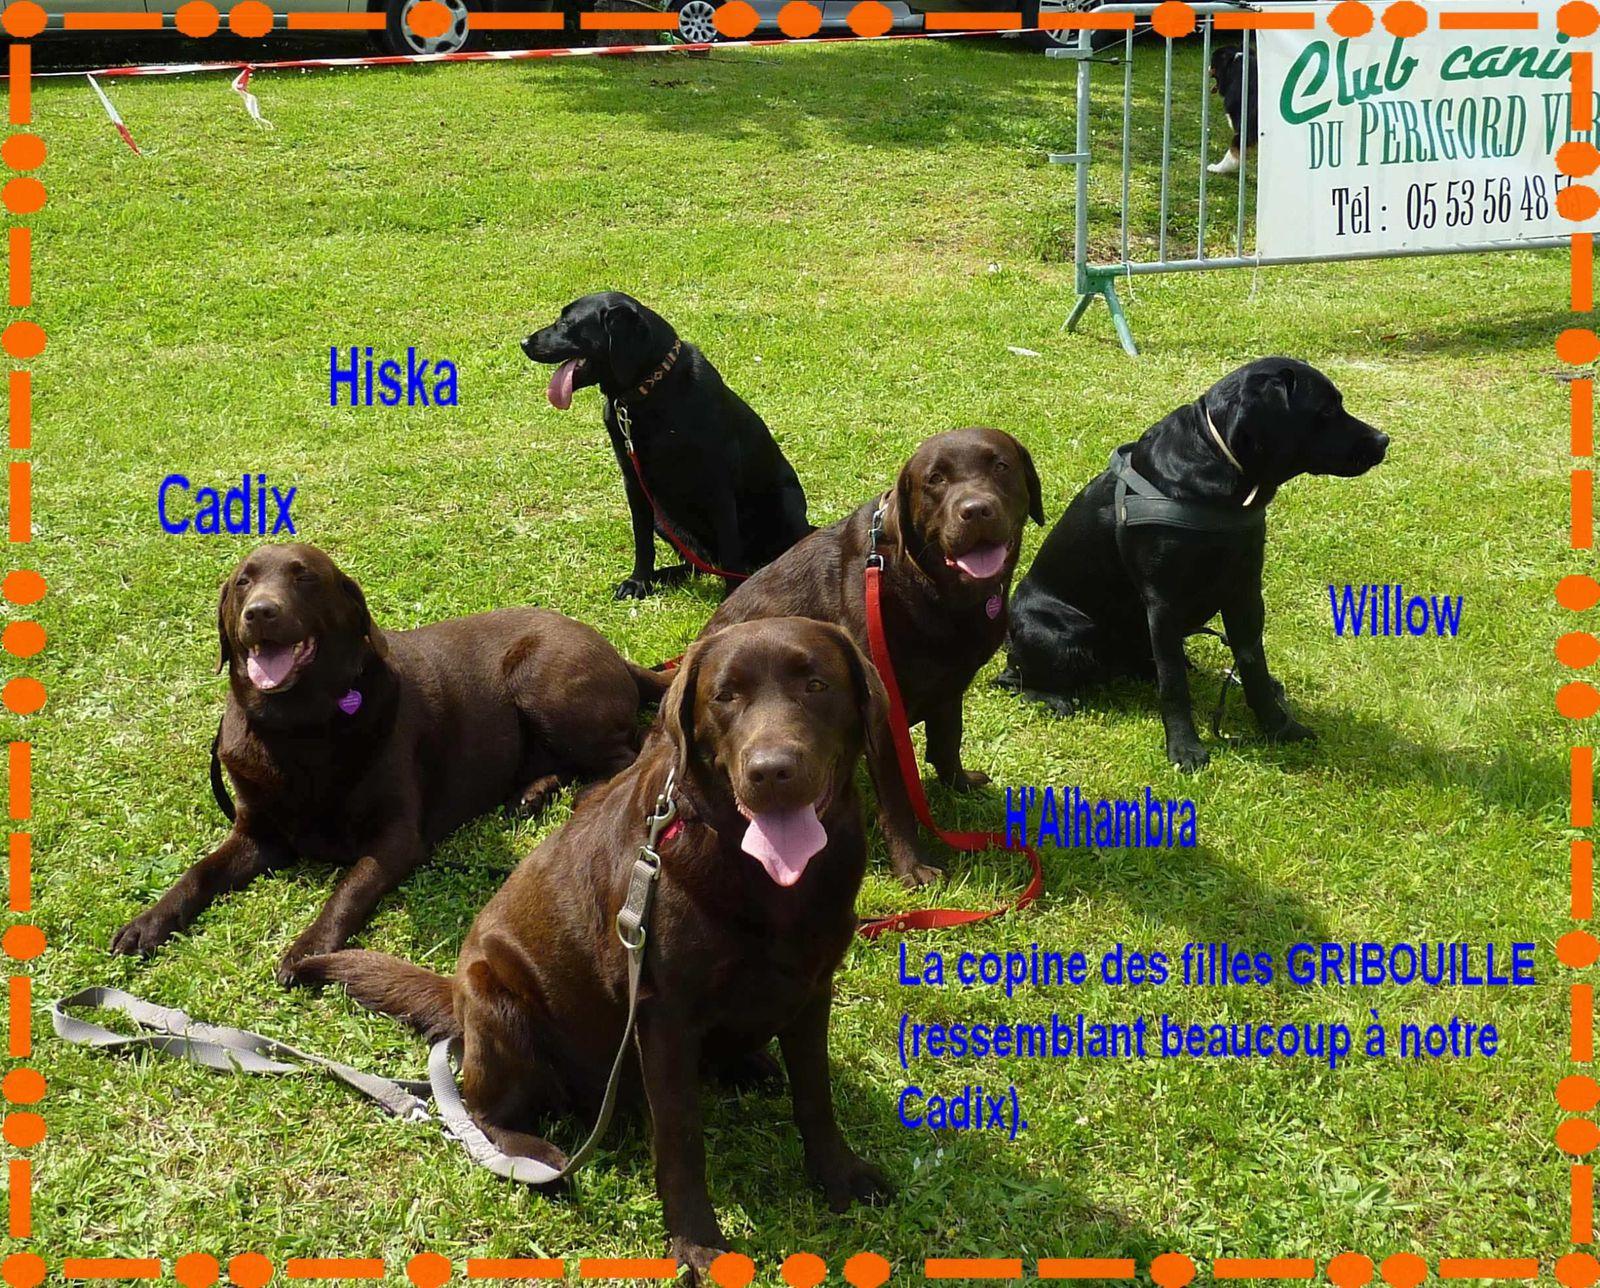 Démonstration de notre club canin à Verteillac.